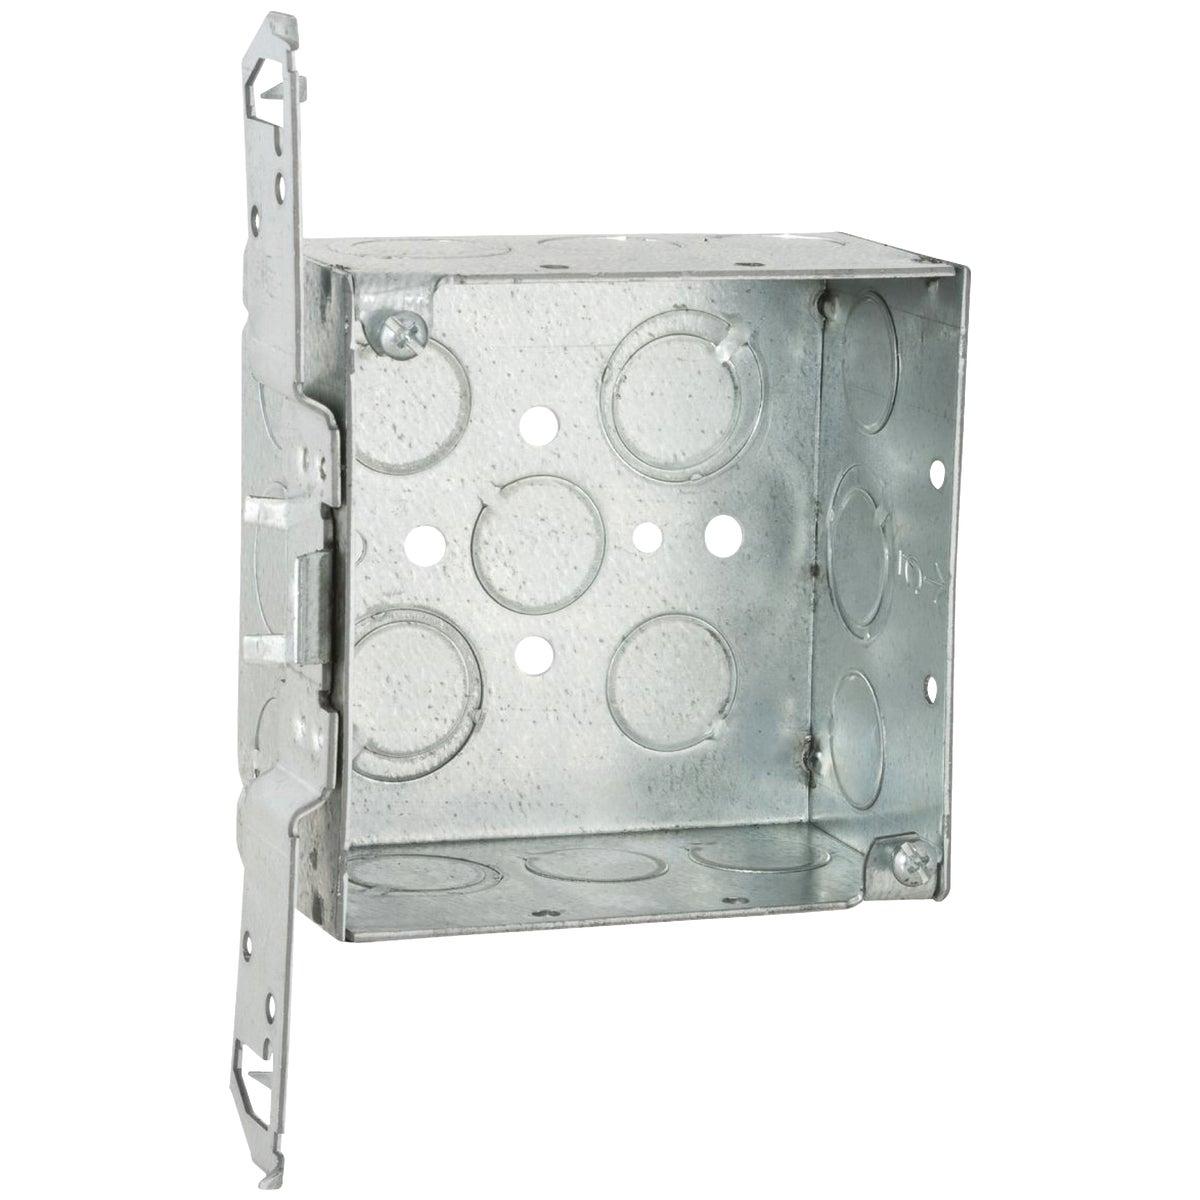 4X4X2-1/8 Square Box